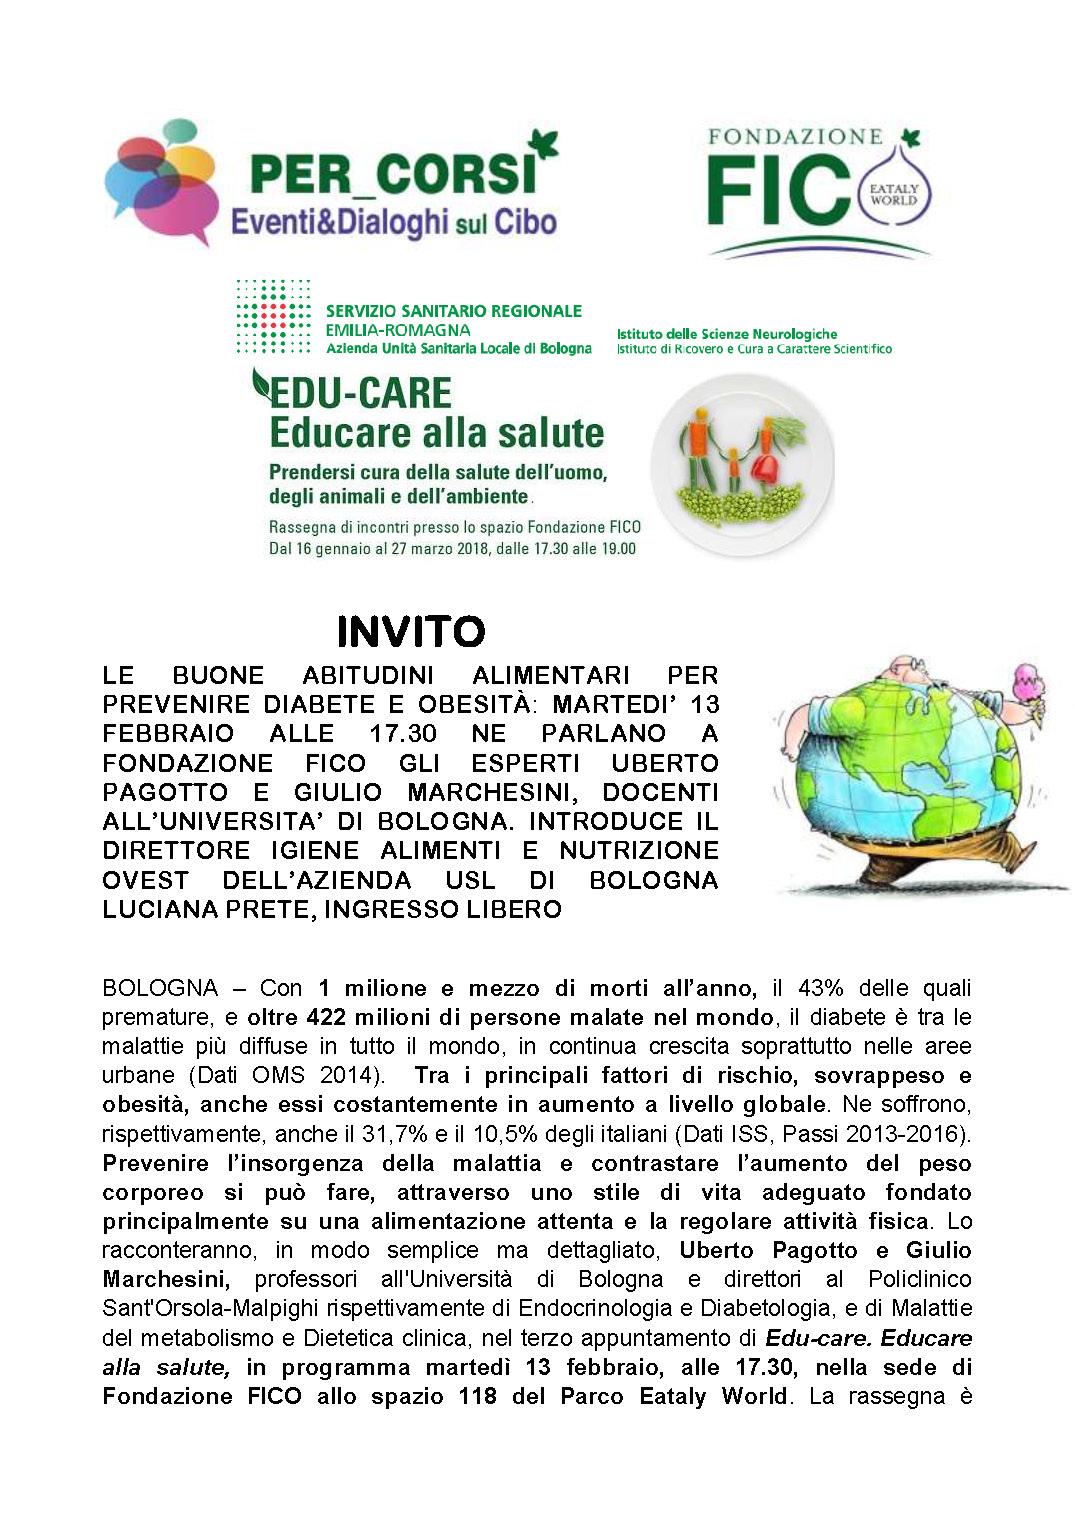 CS-0022-FondazioneFIco-PER_CORSI-13-02-2018-DIabete obesità_Pagina_1